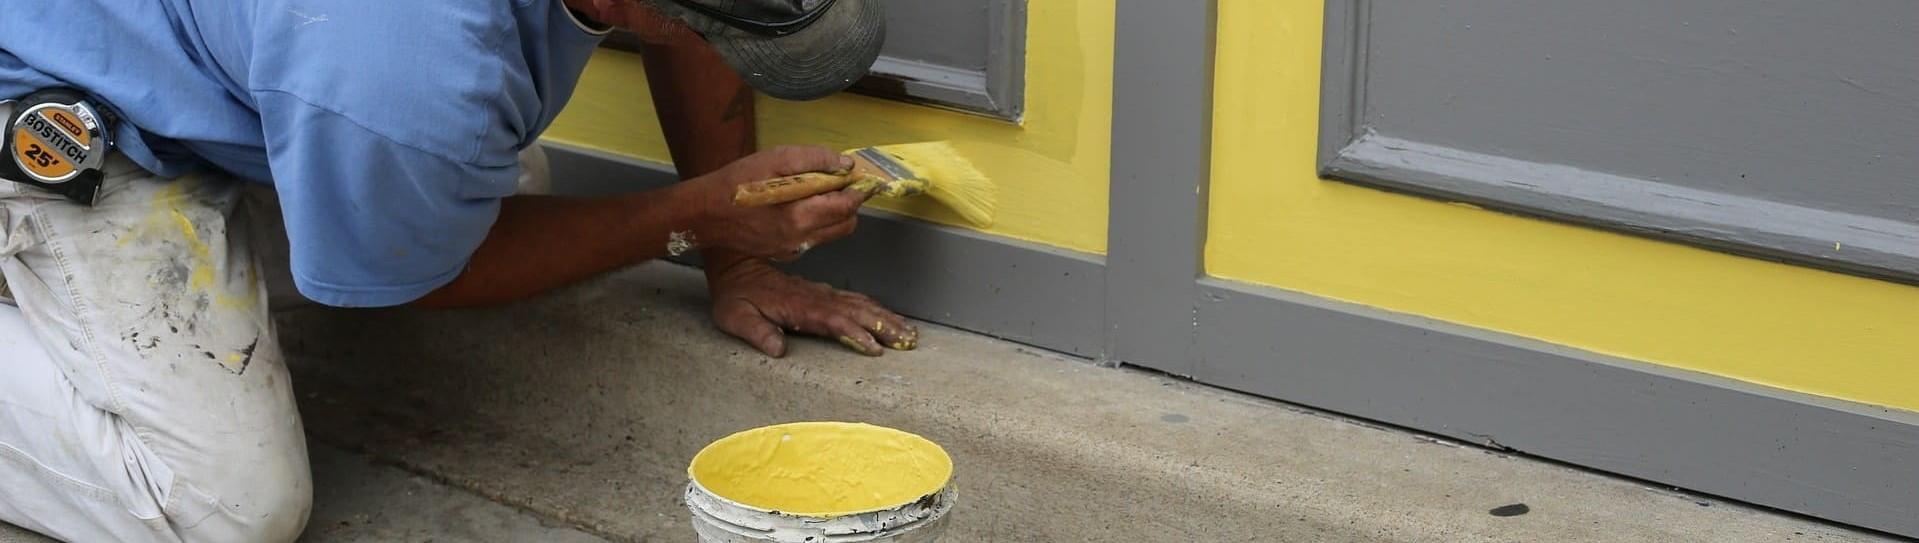 Goossens Peinture-Deco - Peintre en bâtiment - Wazaa